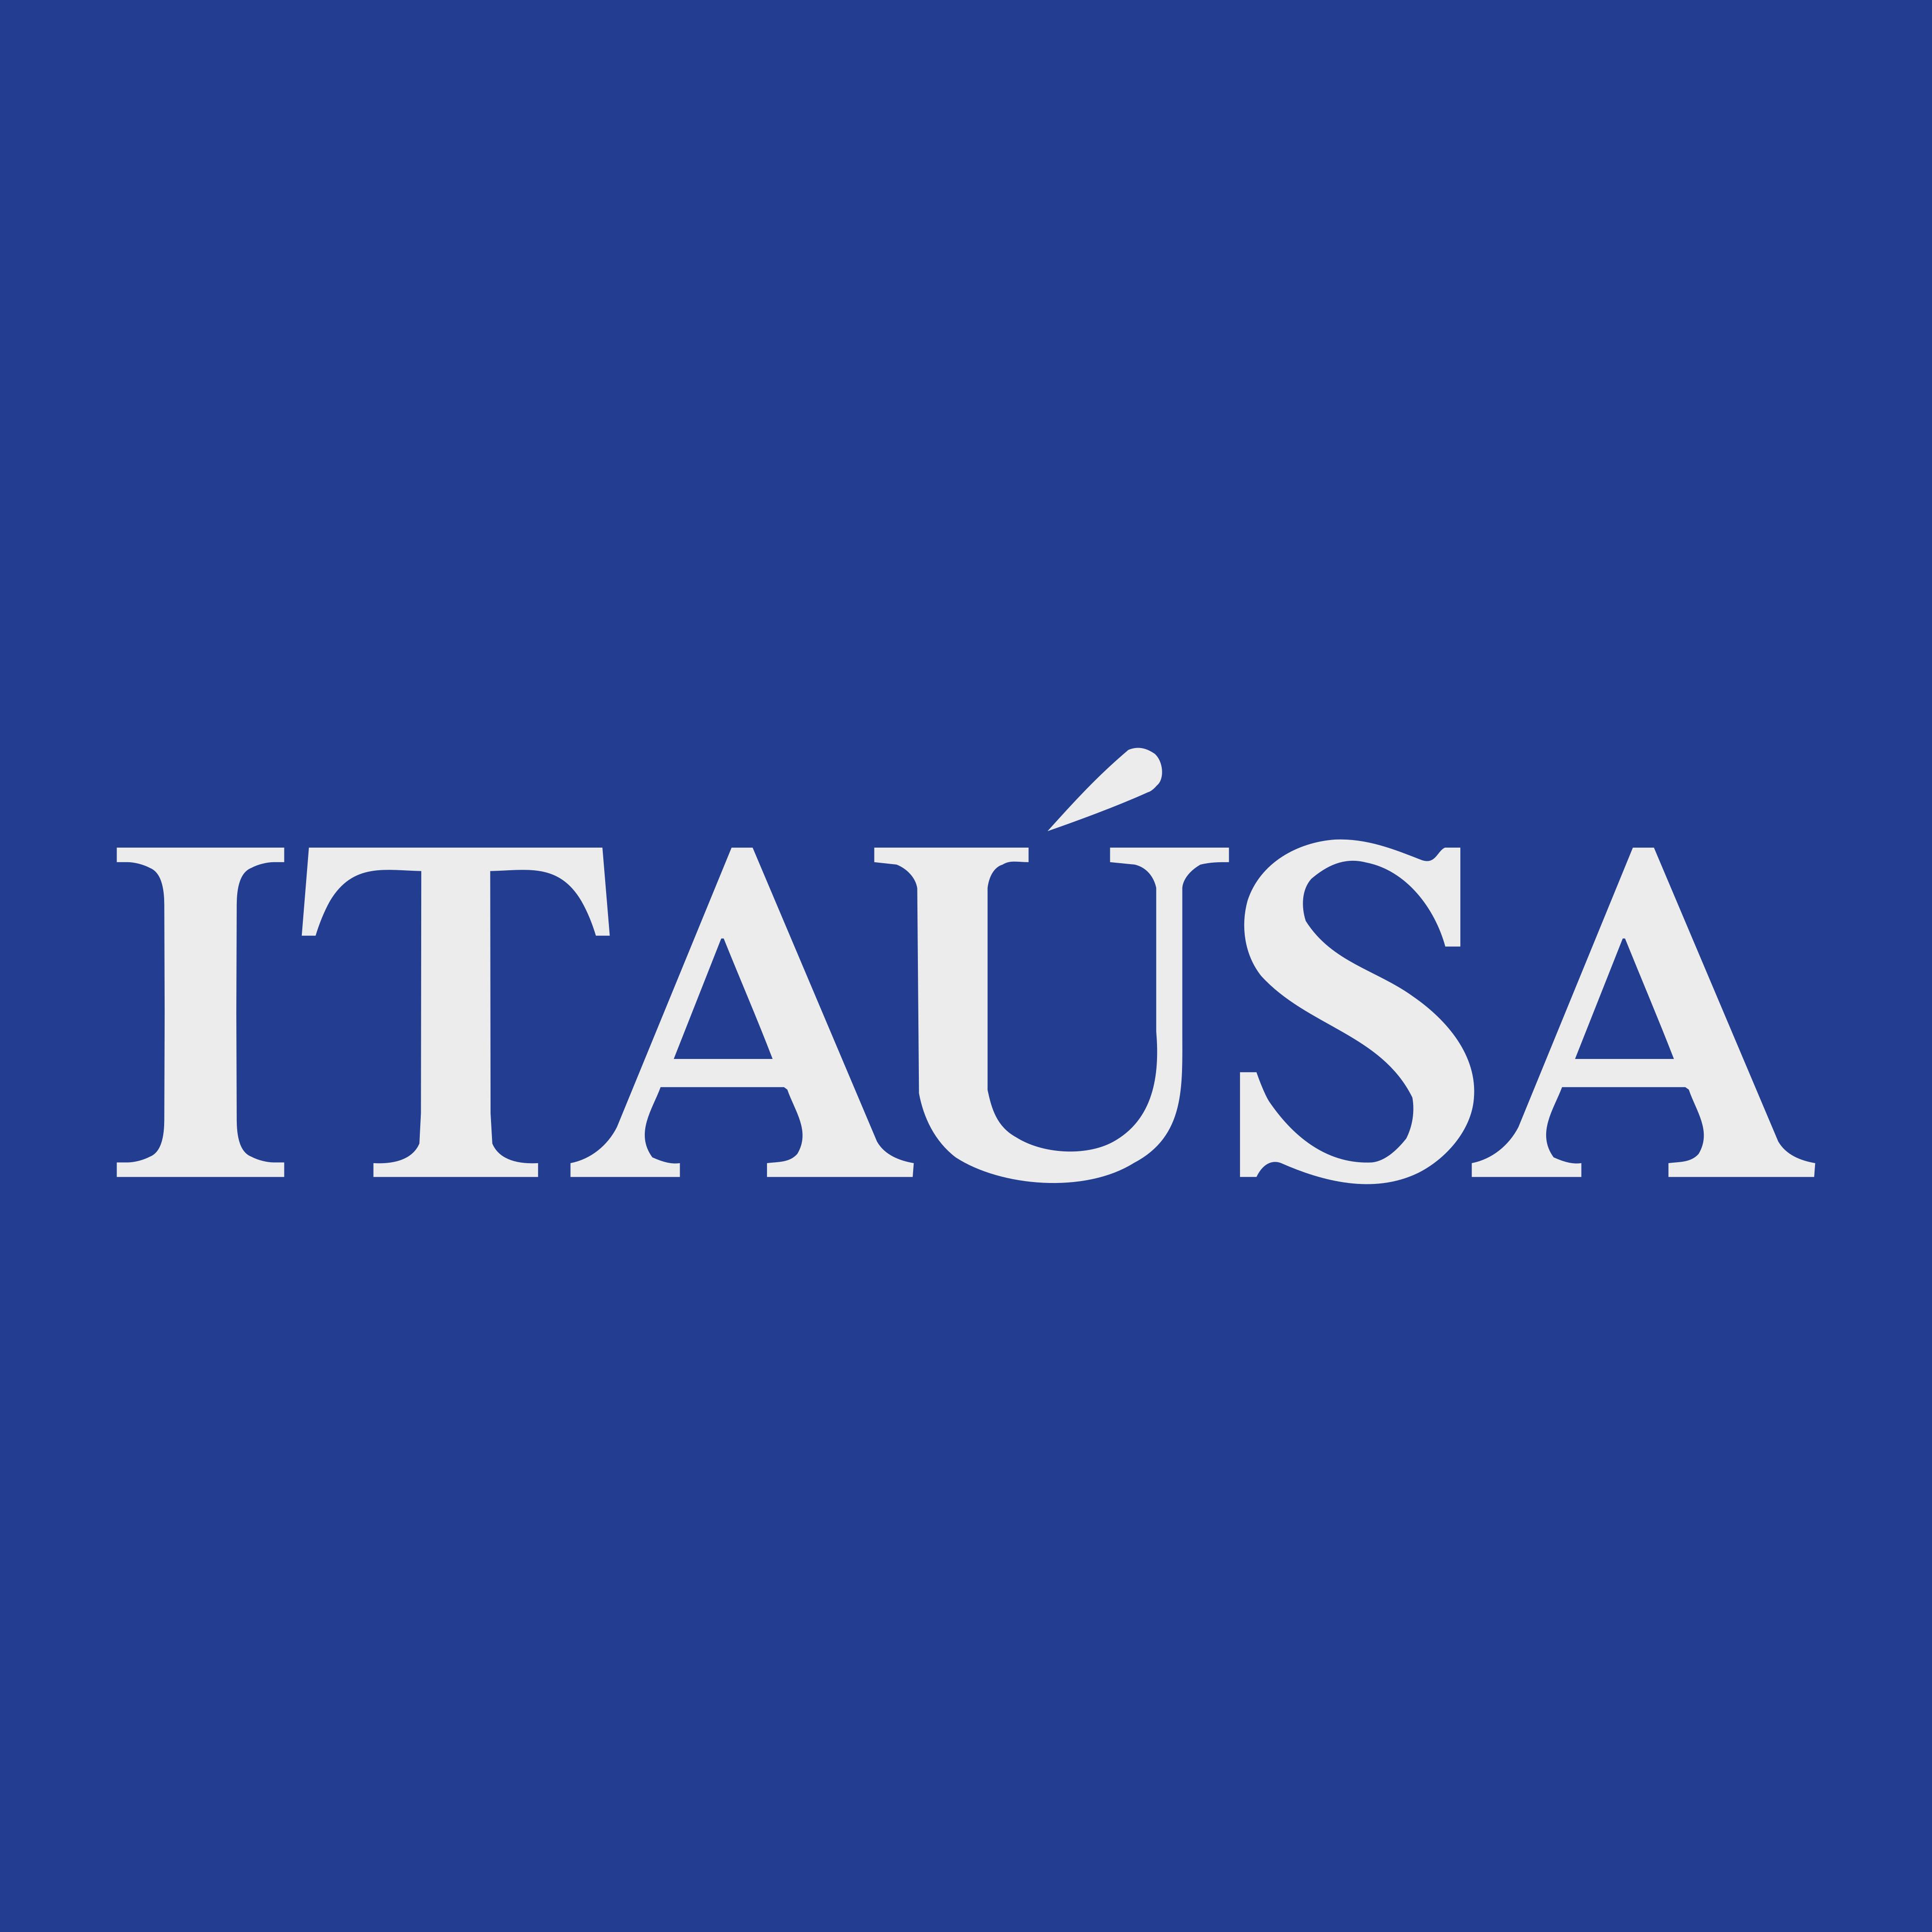 itausa logo 0 - Itaúsa Logo